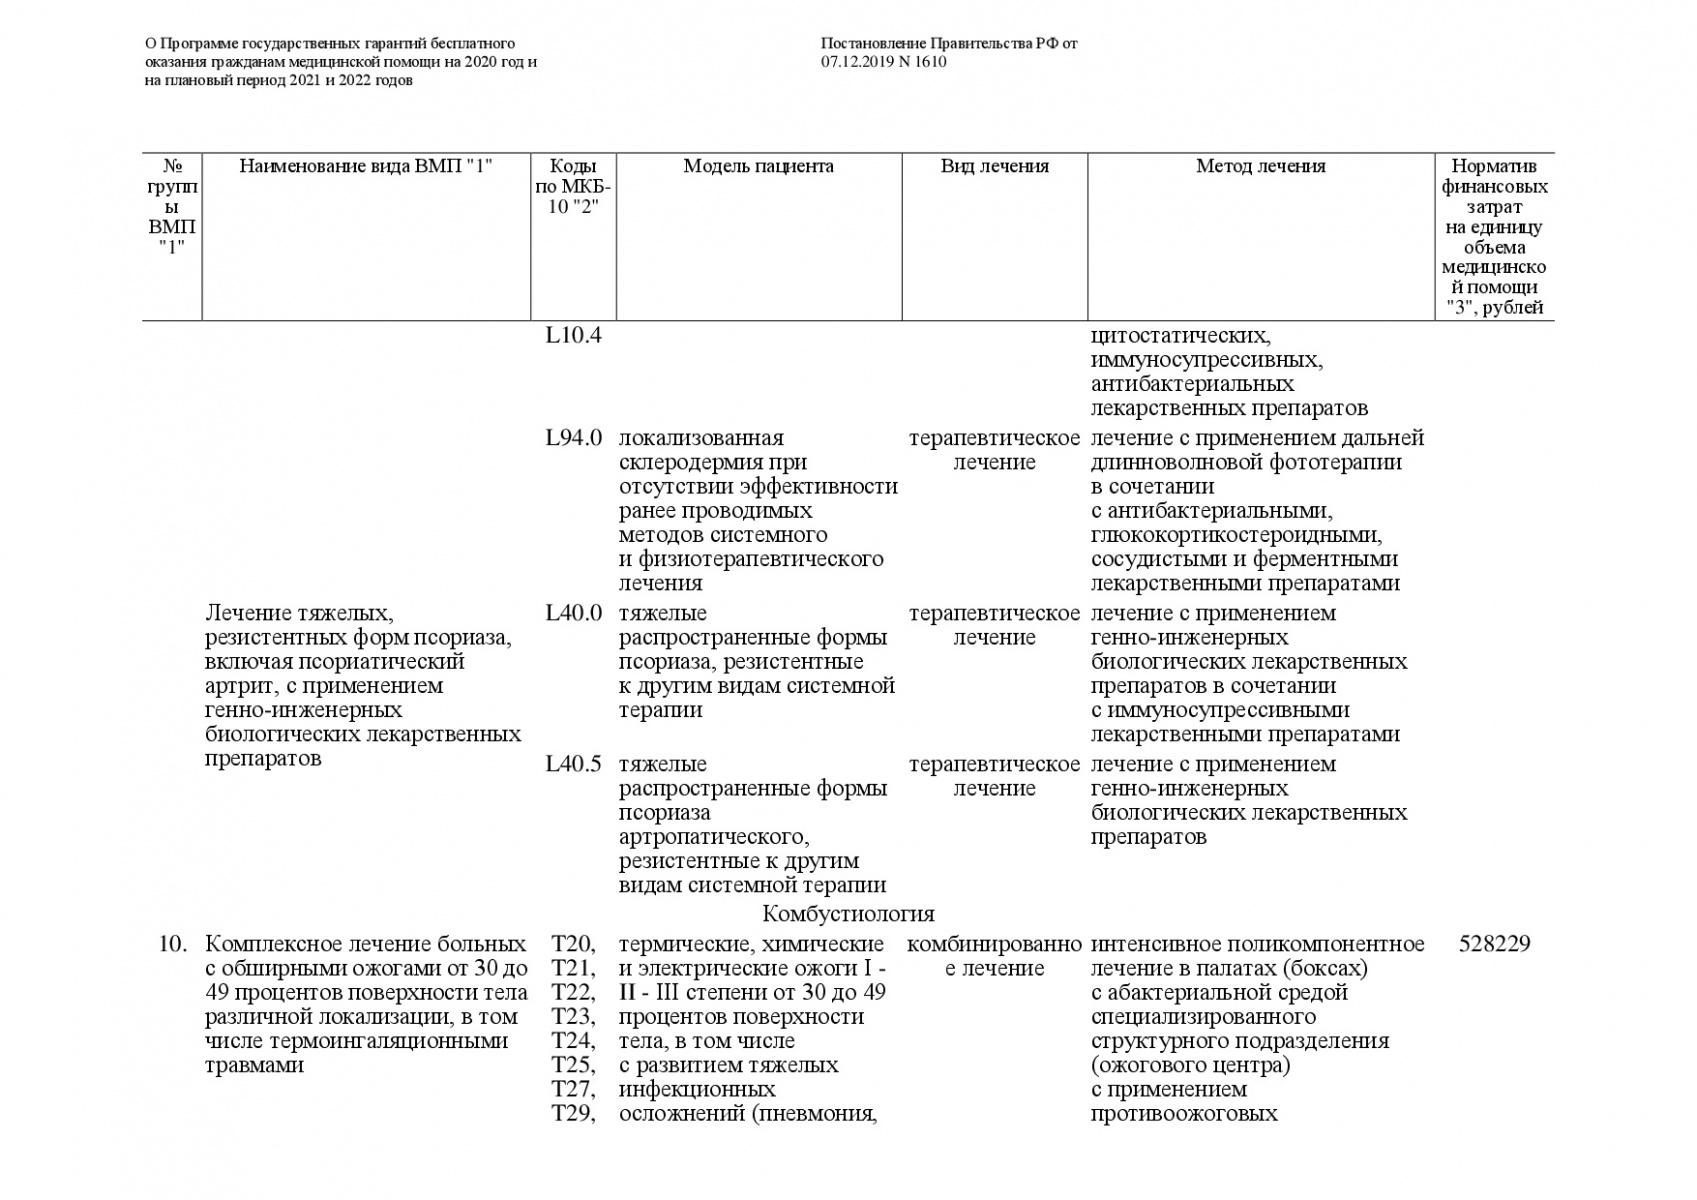 Postanovlenie-Pravitelstva-RF-ot-07_12_2019-1610-O-PGG-046